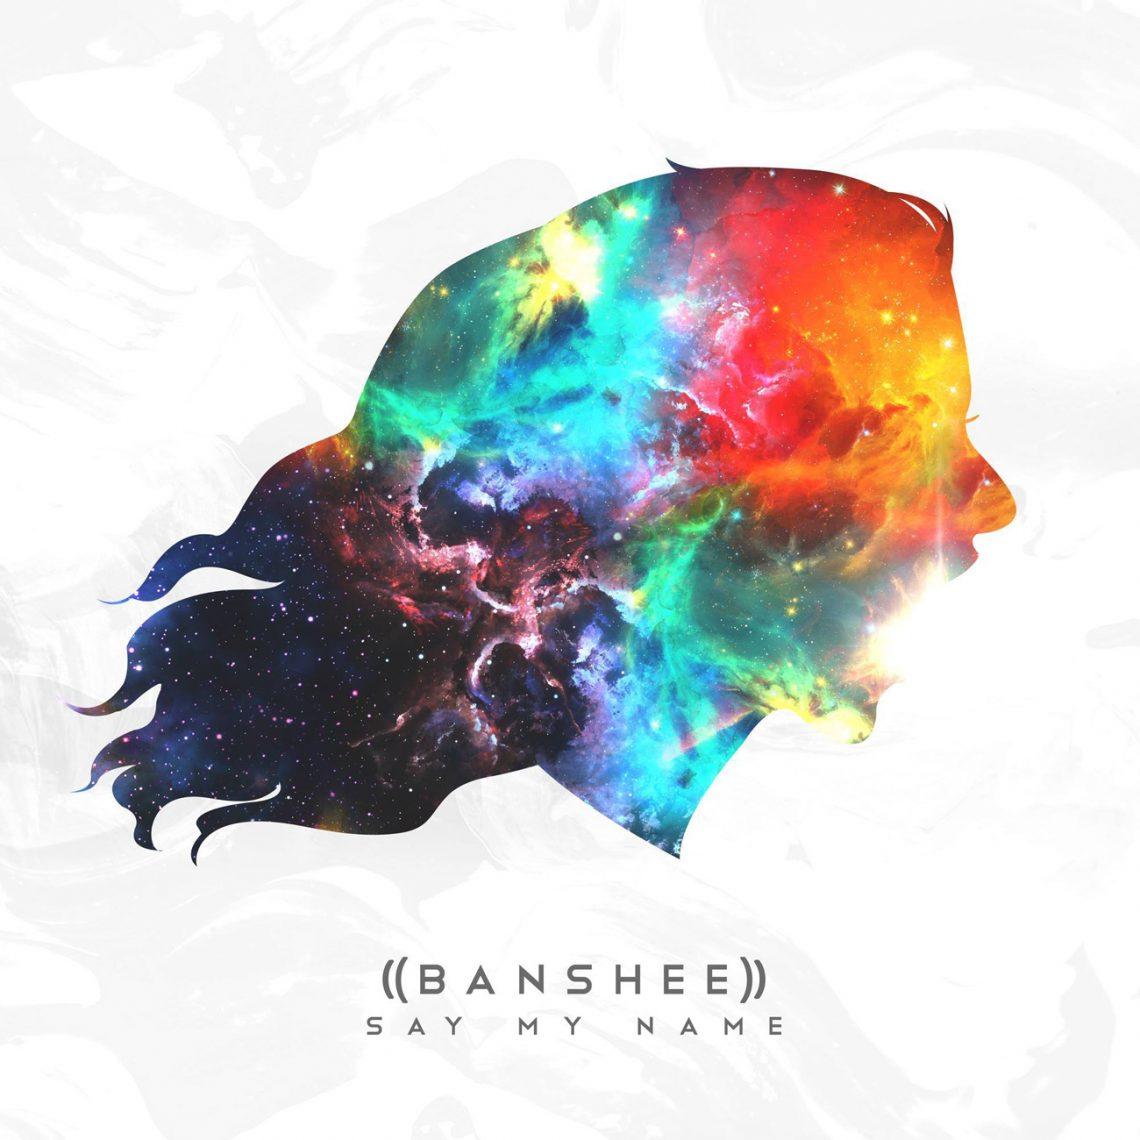 Banshee – Say My Name – CD Review